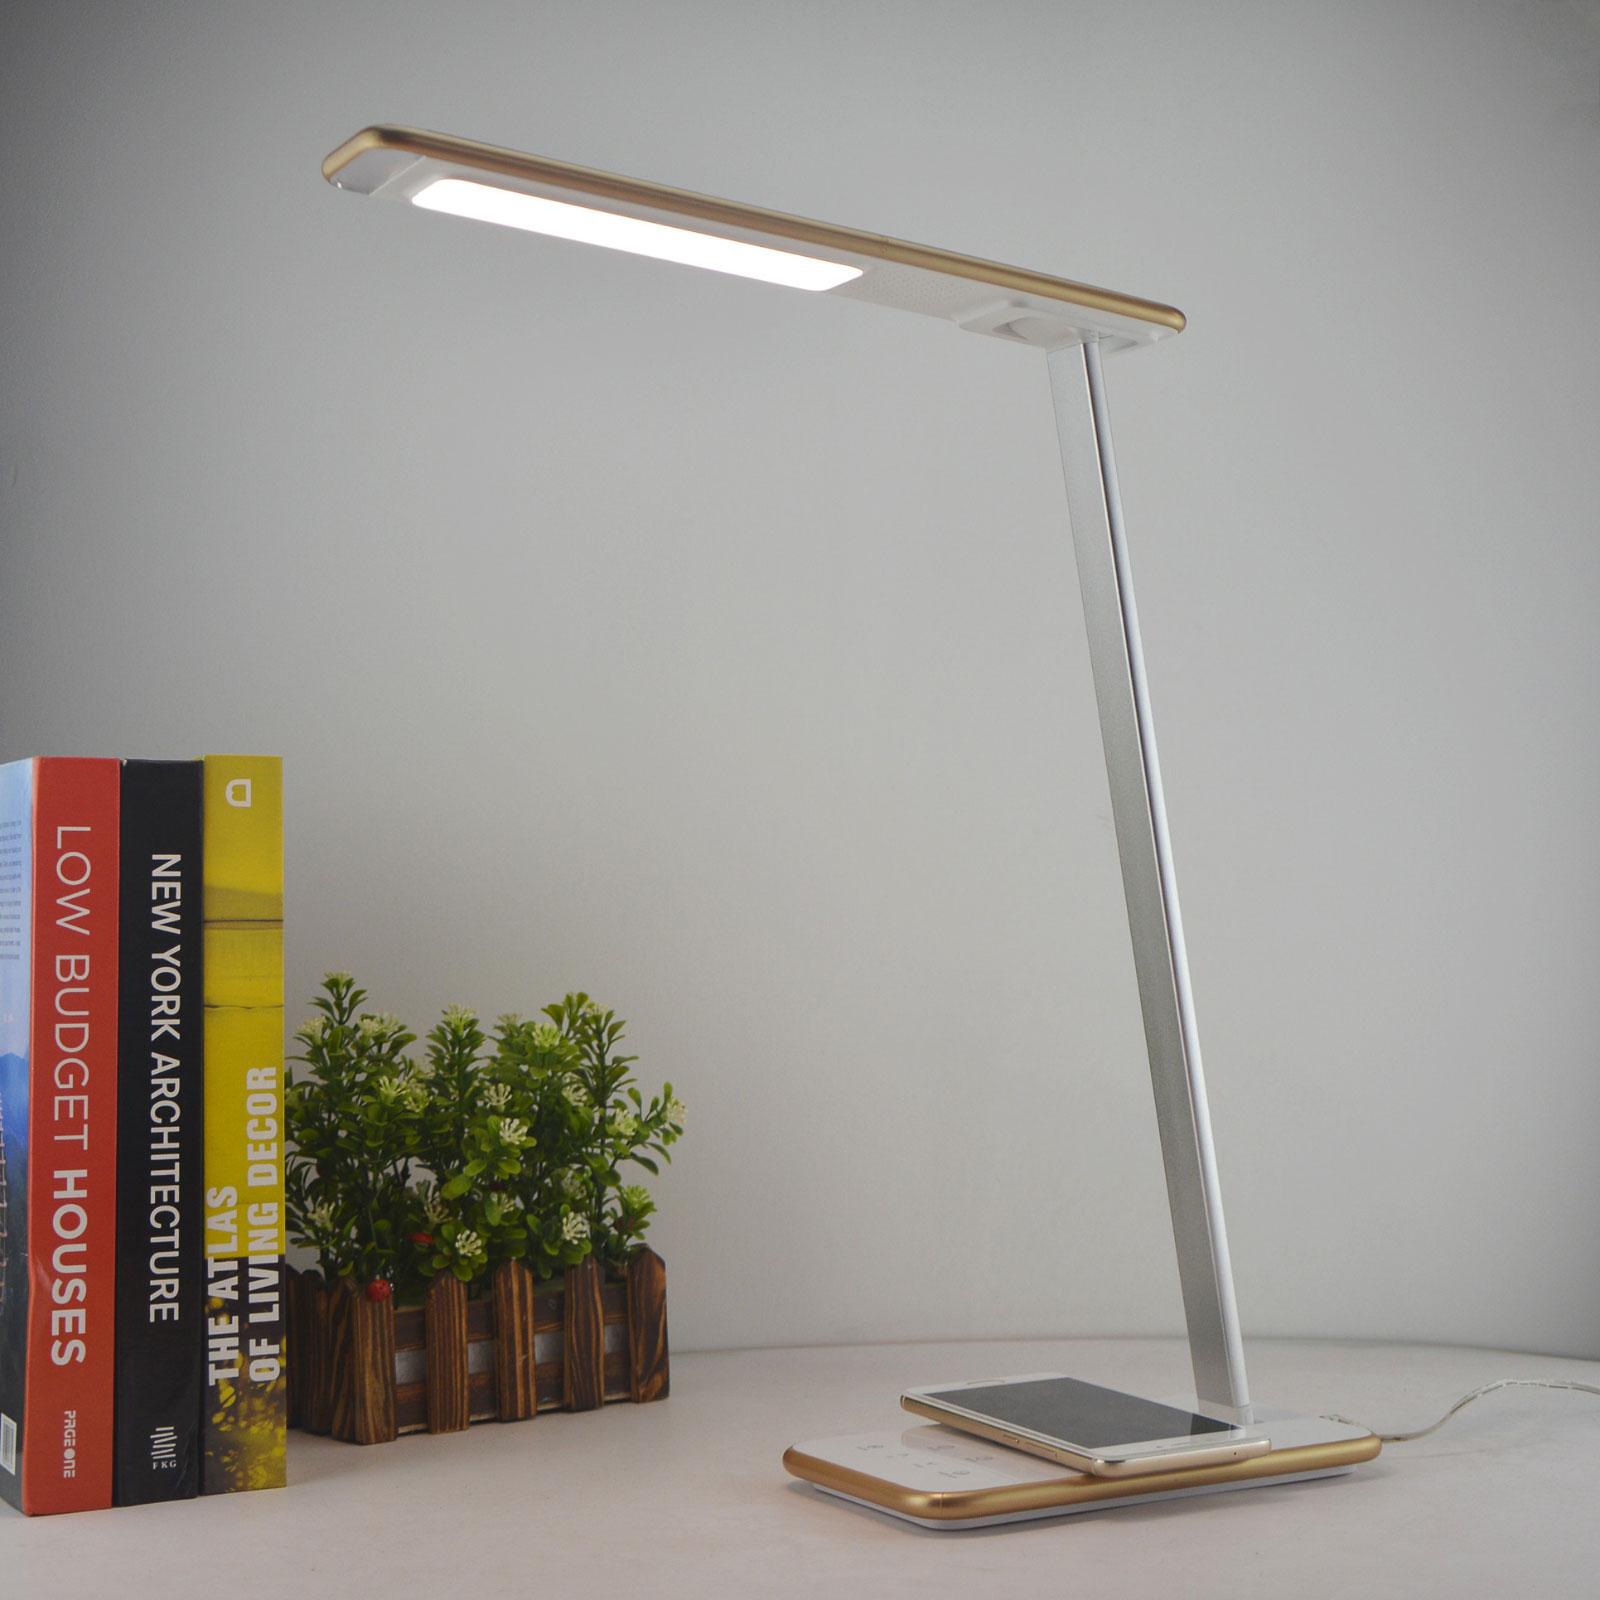 LED-Schreibtischleuchte Orbit mit Induktion, gold